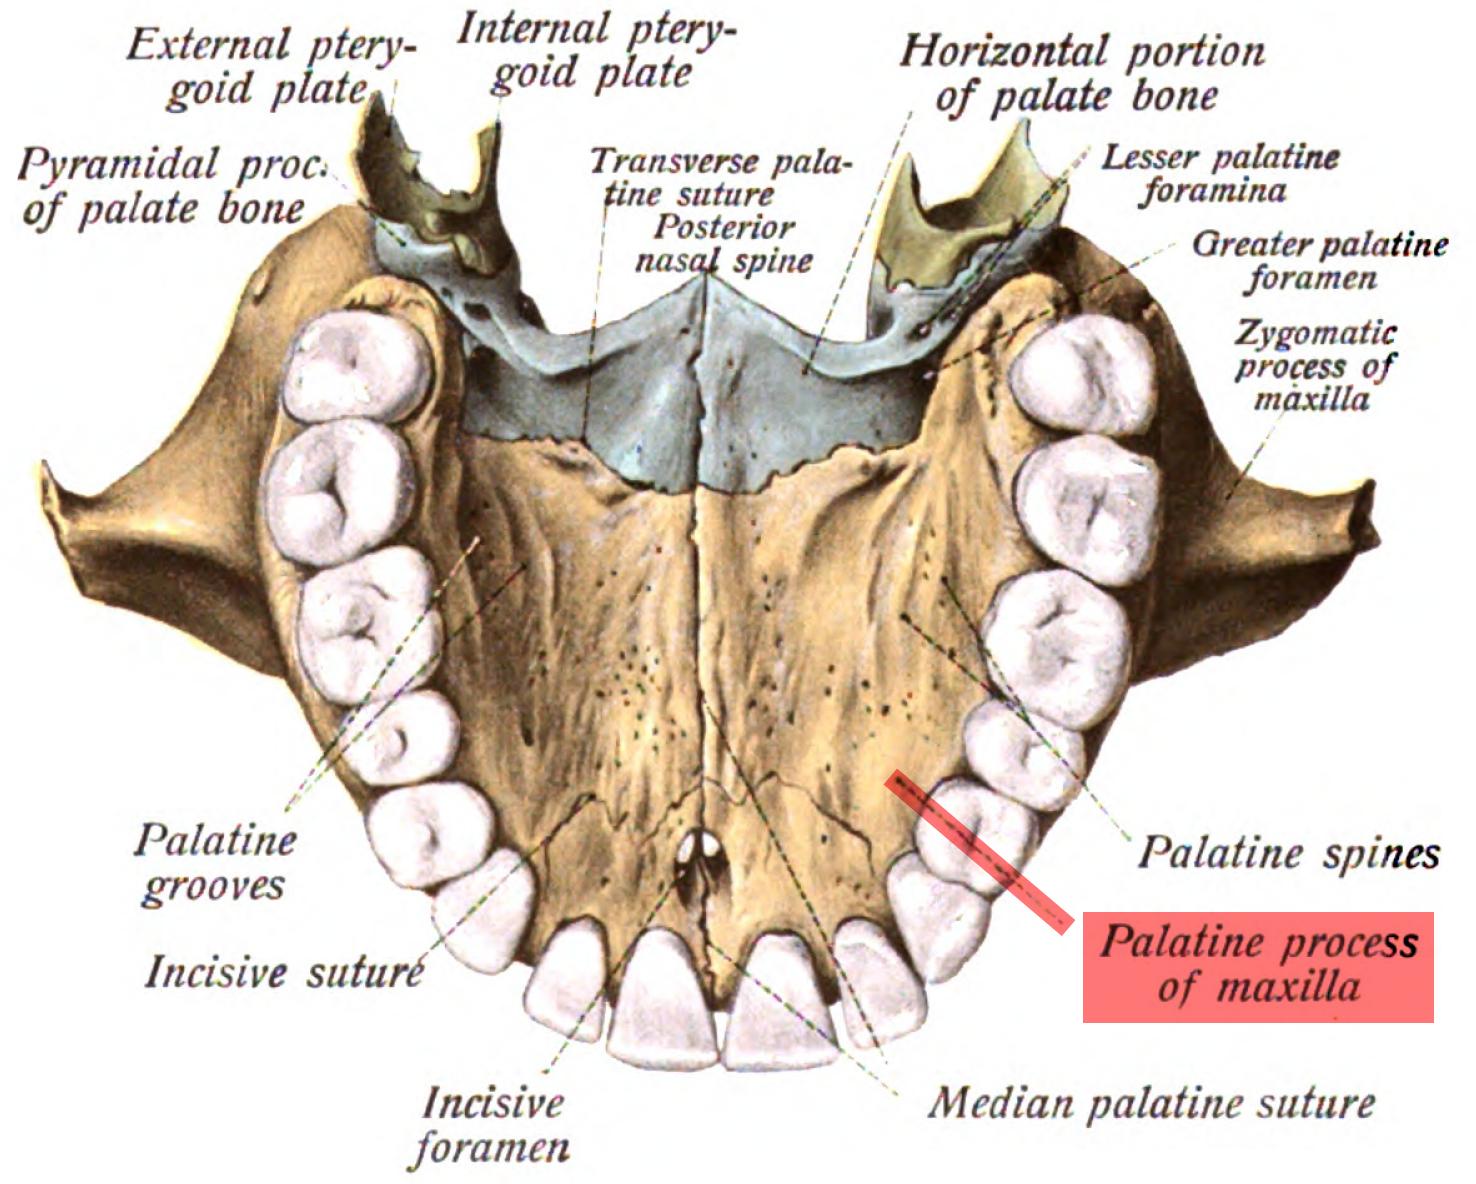 Palatine process of maxilla - Wikiwand